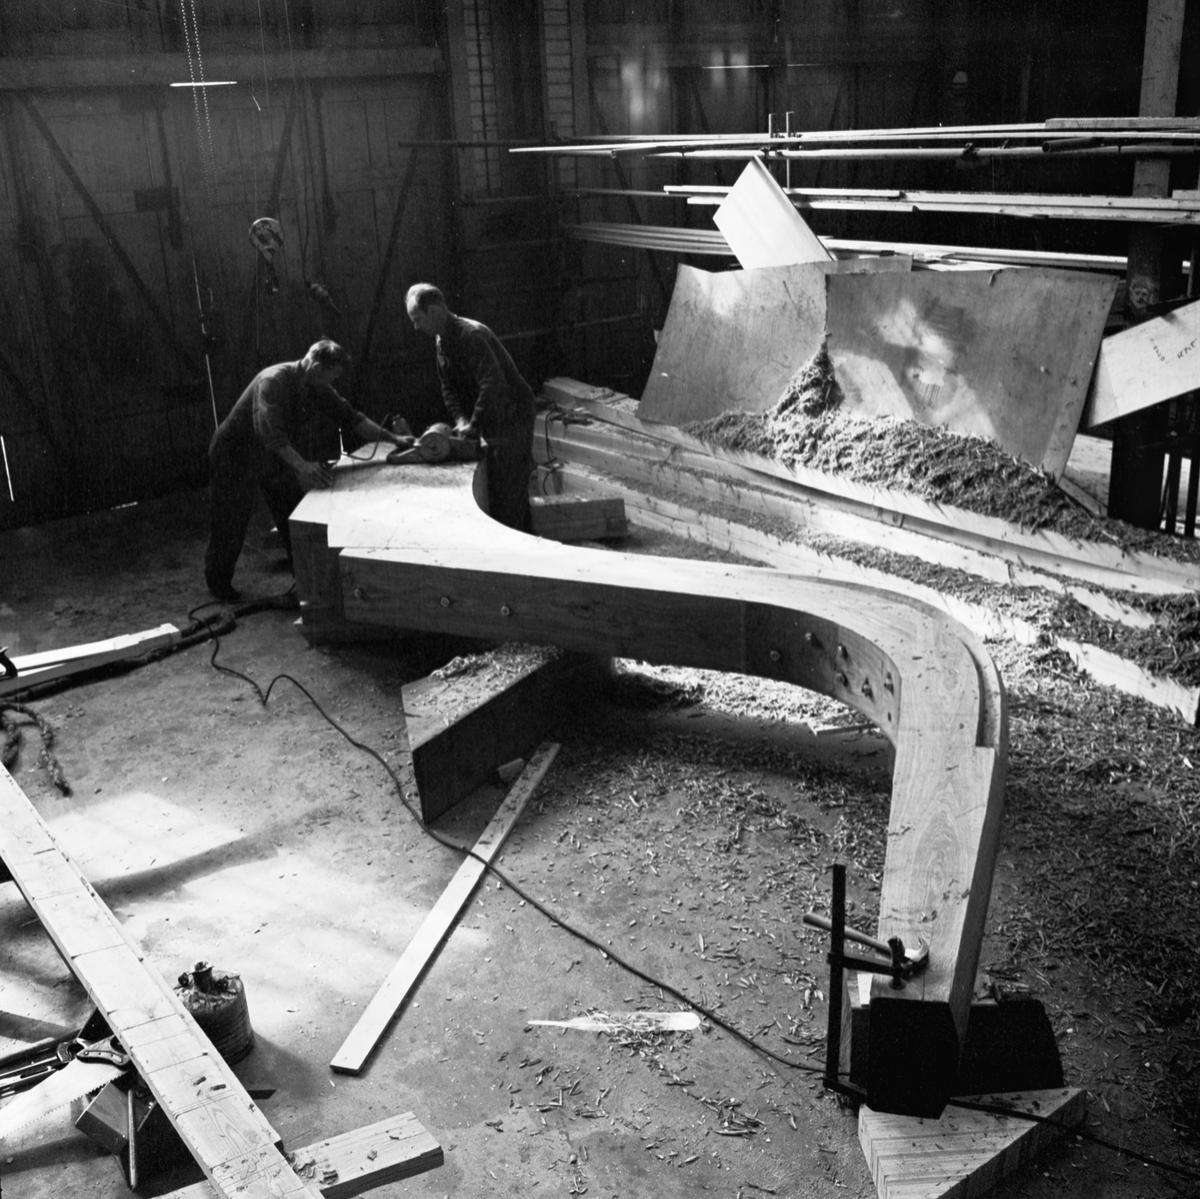 Övrigt: Foto datum: 2/6 1964 Verkstäder och personal. Svetsning i verkstan (Hbg-utställn). Närmast identisk bild: V28715, ej skannad